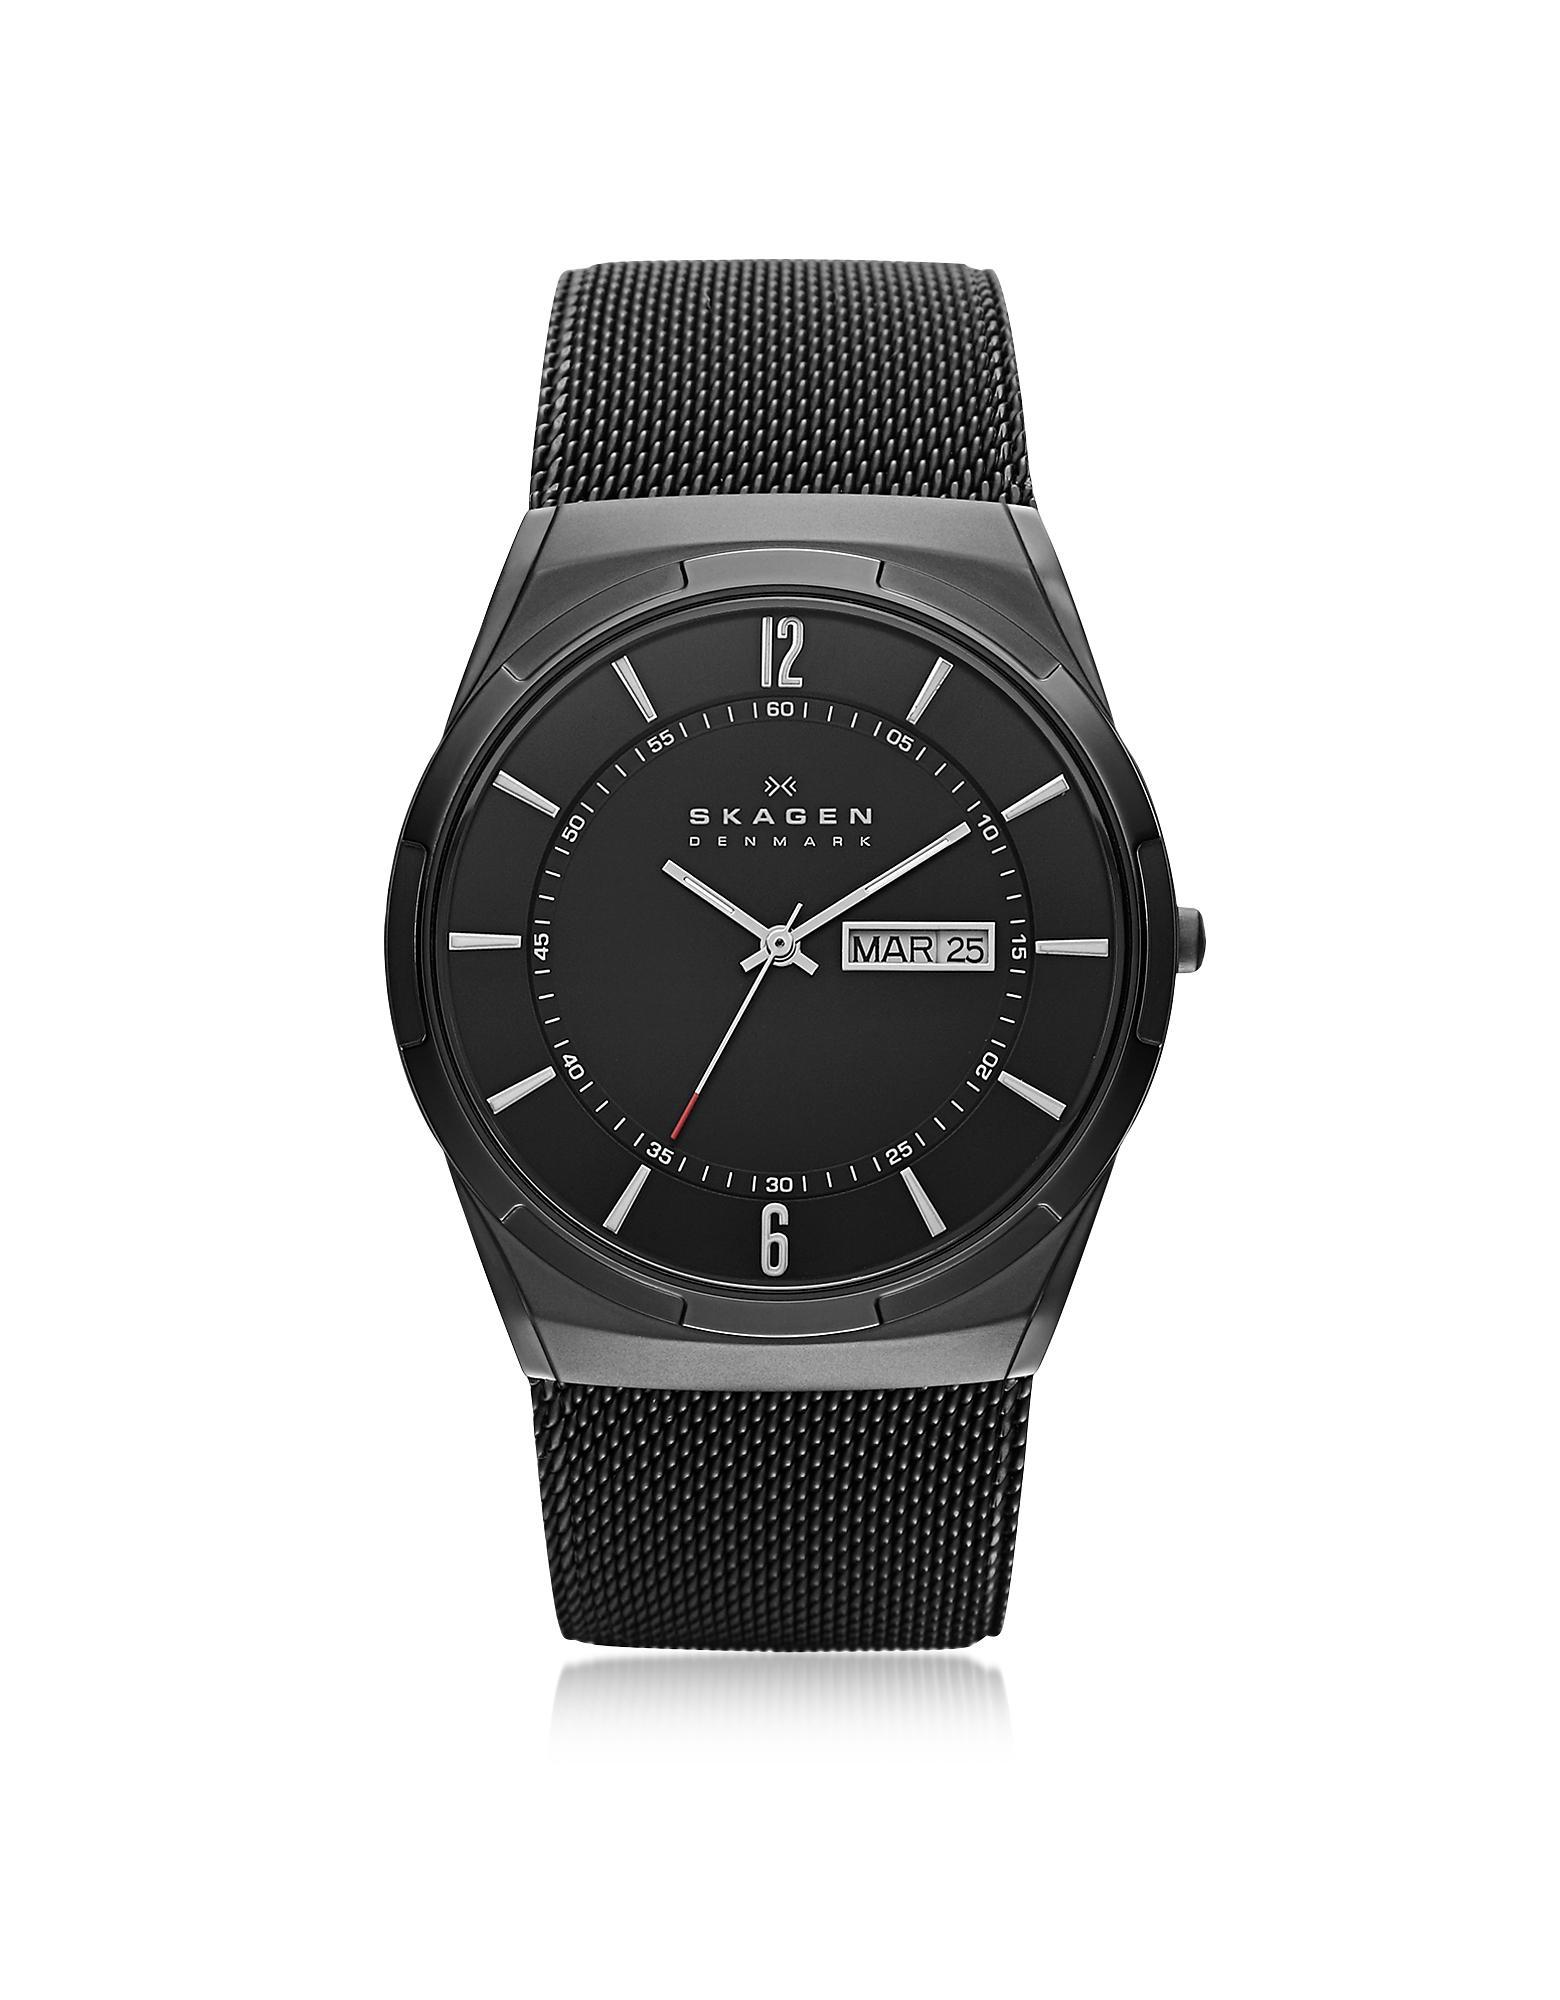 913615e9cac3 Melbye Reloj para Hombres de Titanio y Acero Negro Skagen de hombre ...